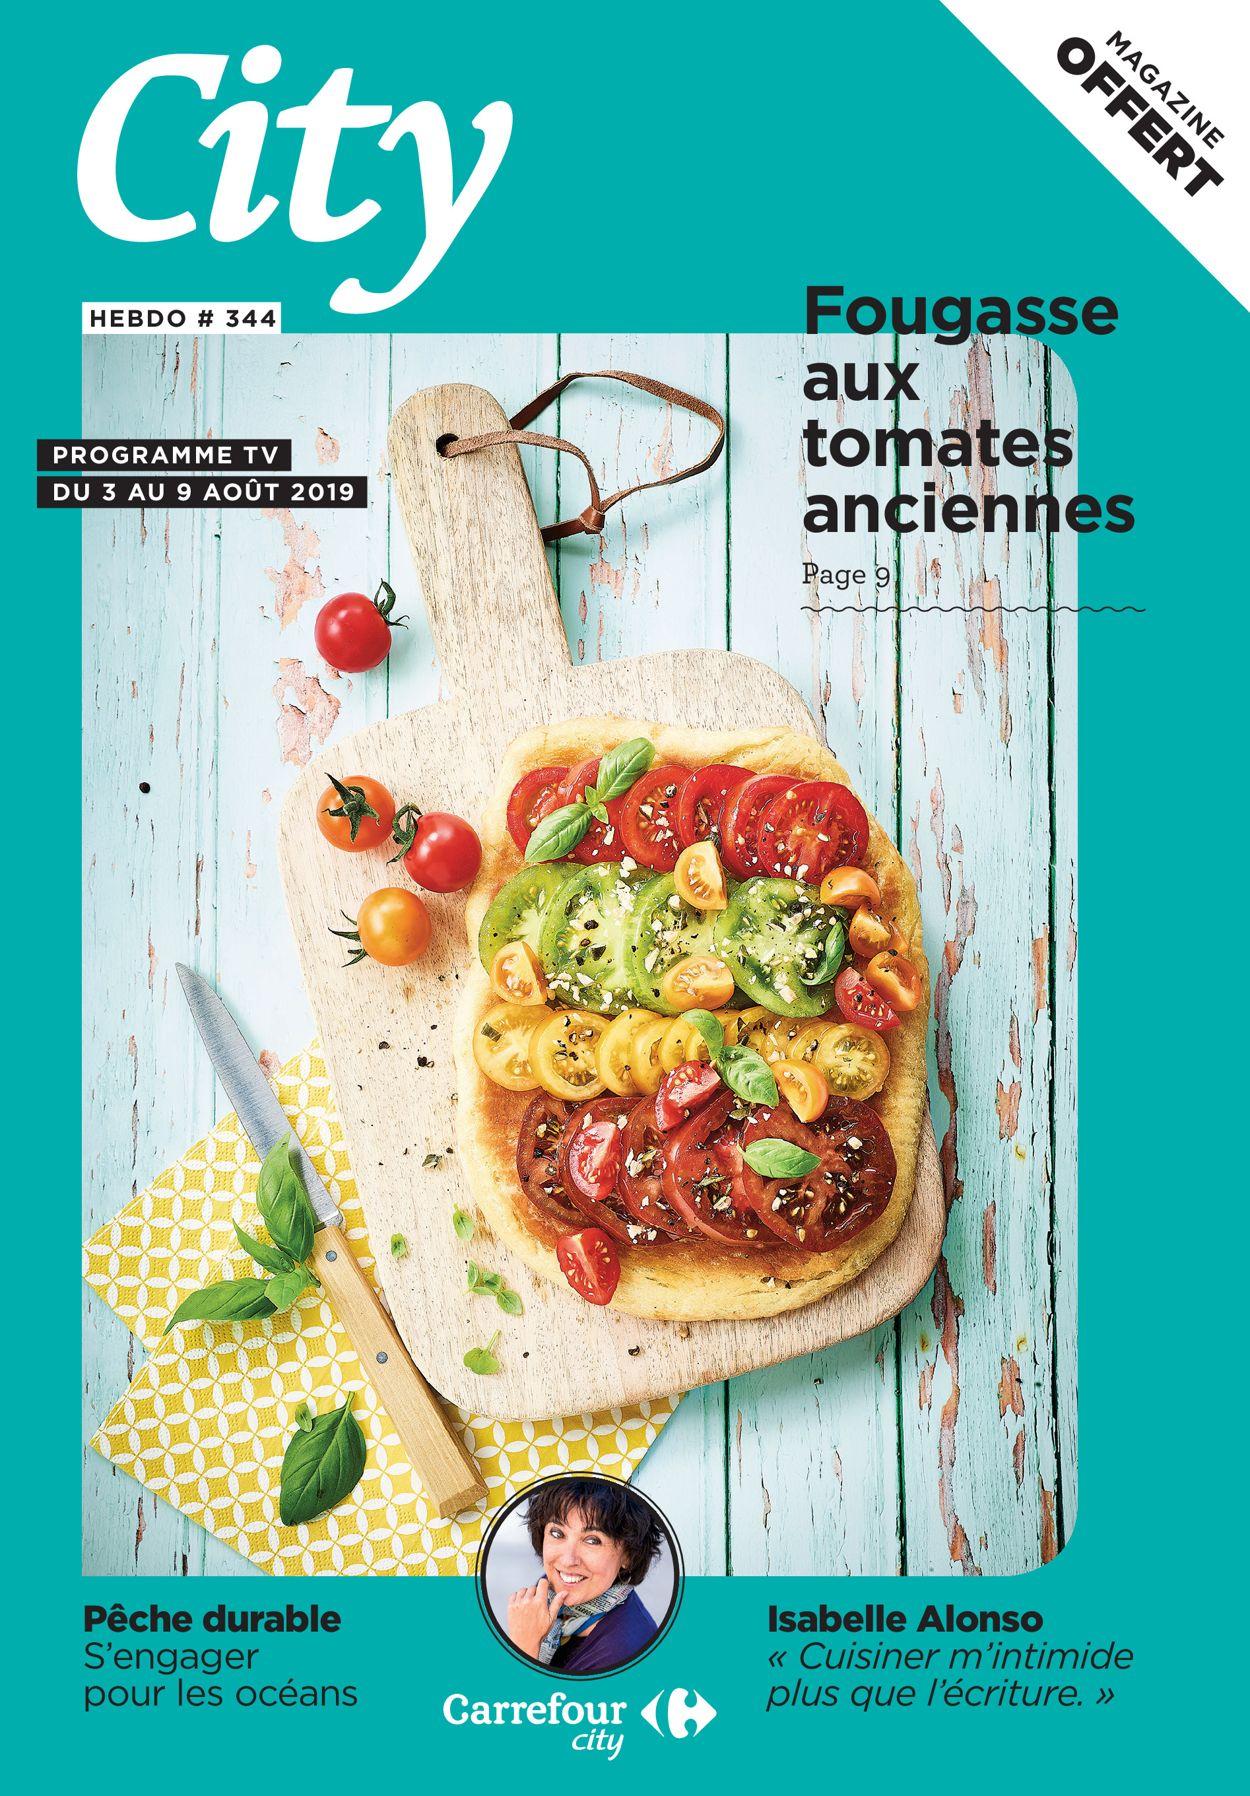 Carrefour Catalogue - 03.08-09.08.2019